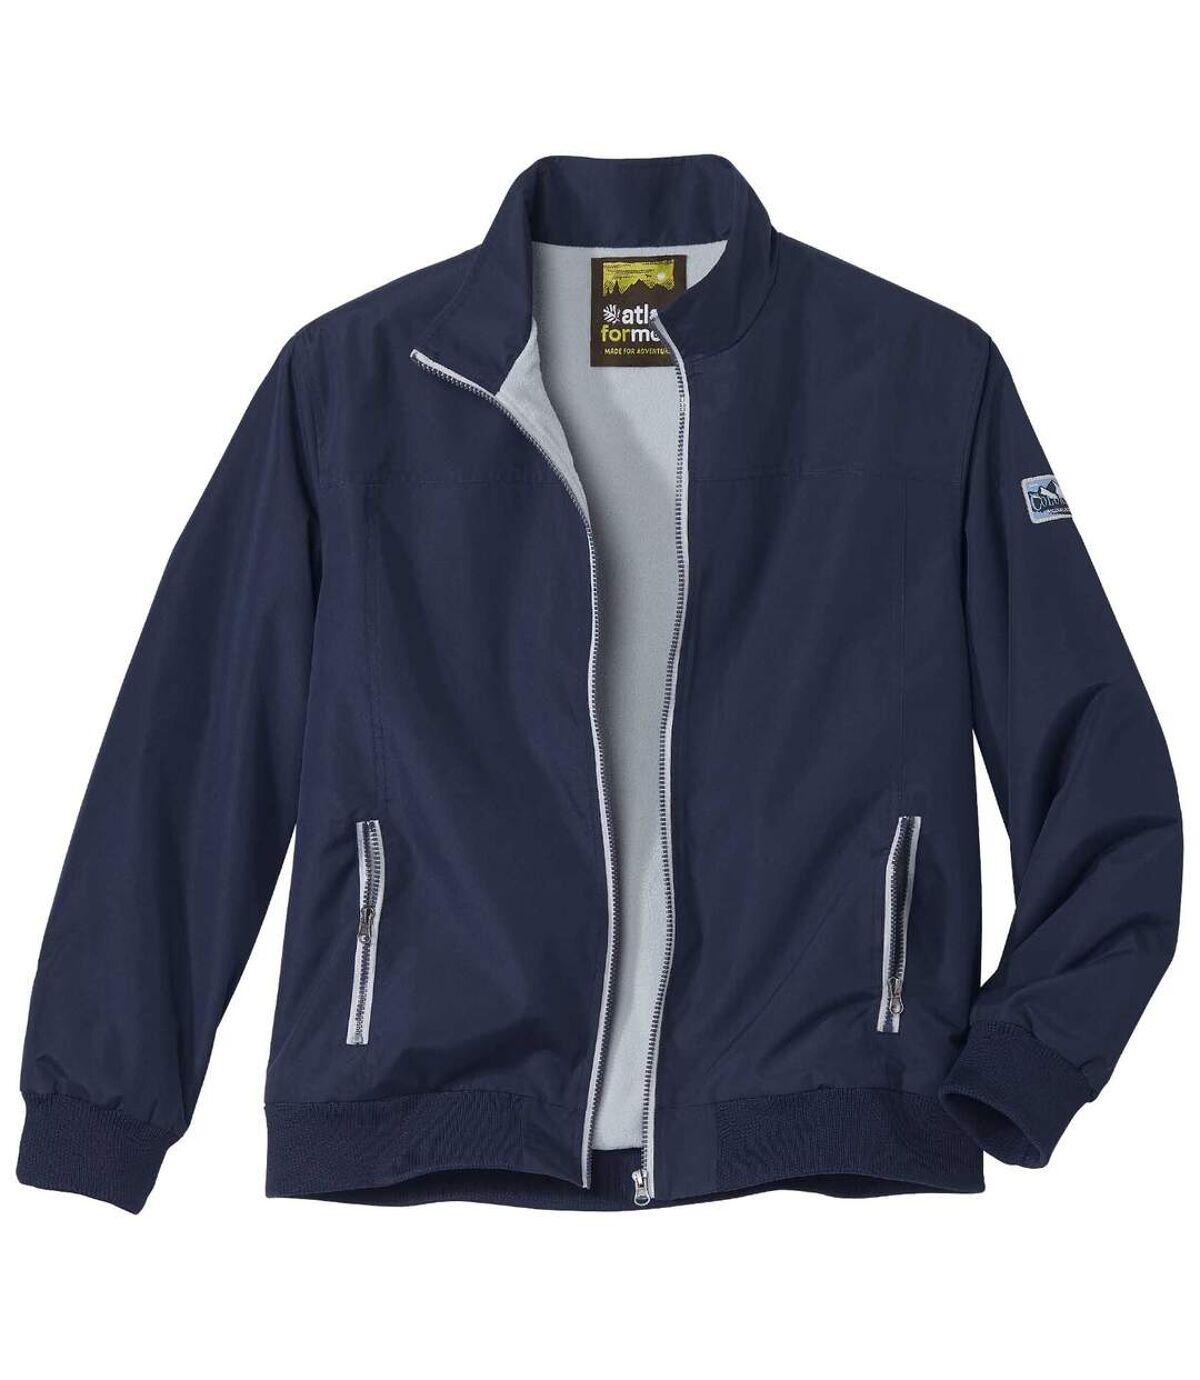 Men's Navy Fleece-Lined Microfiber Jacket - Full Zip - Water-Repellent Atlas For Men